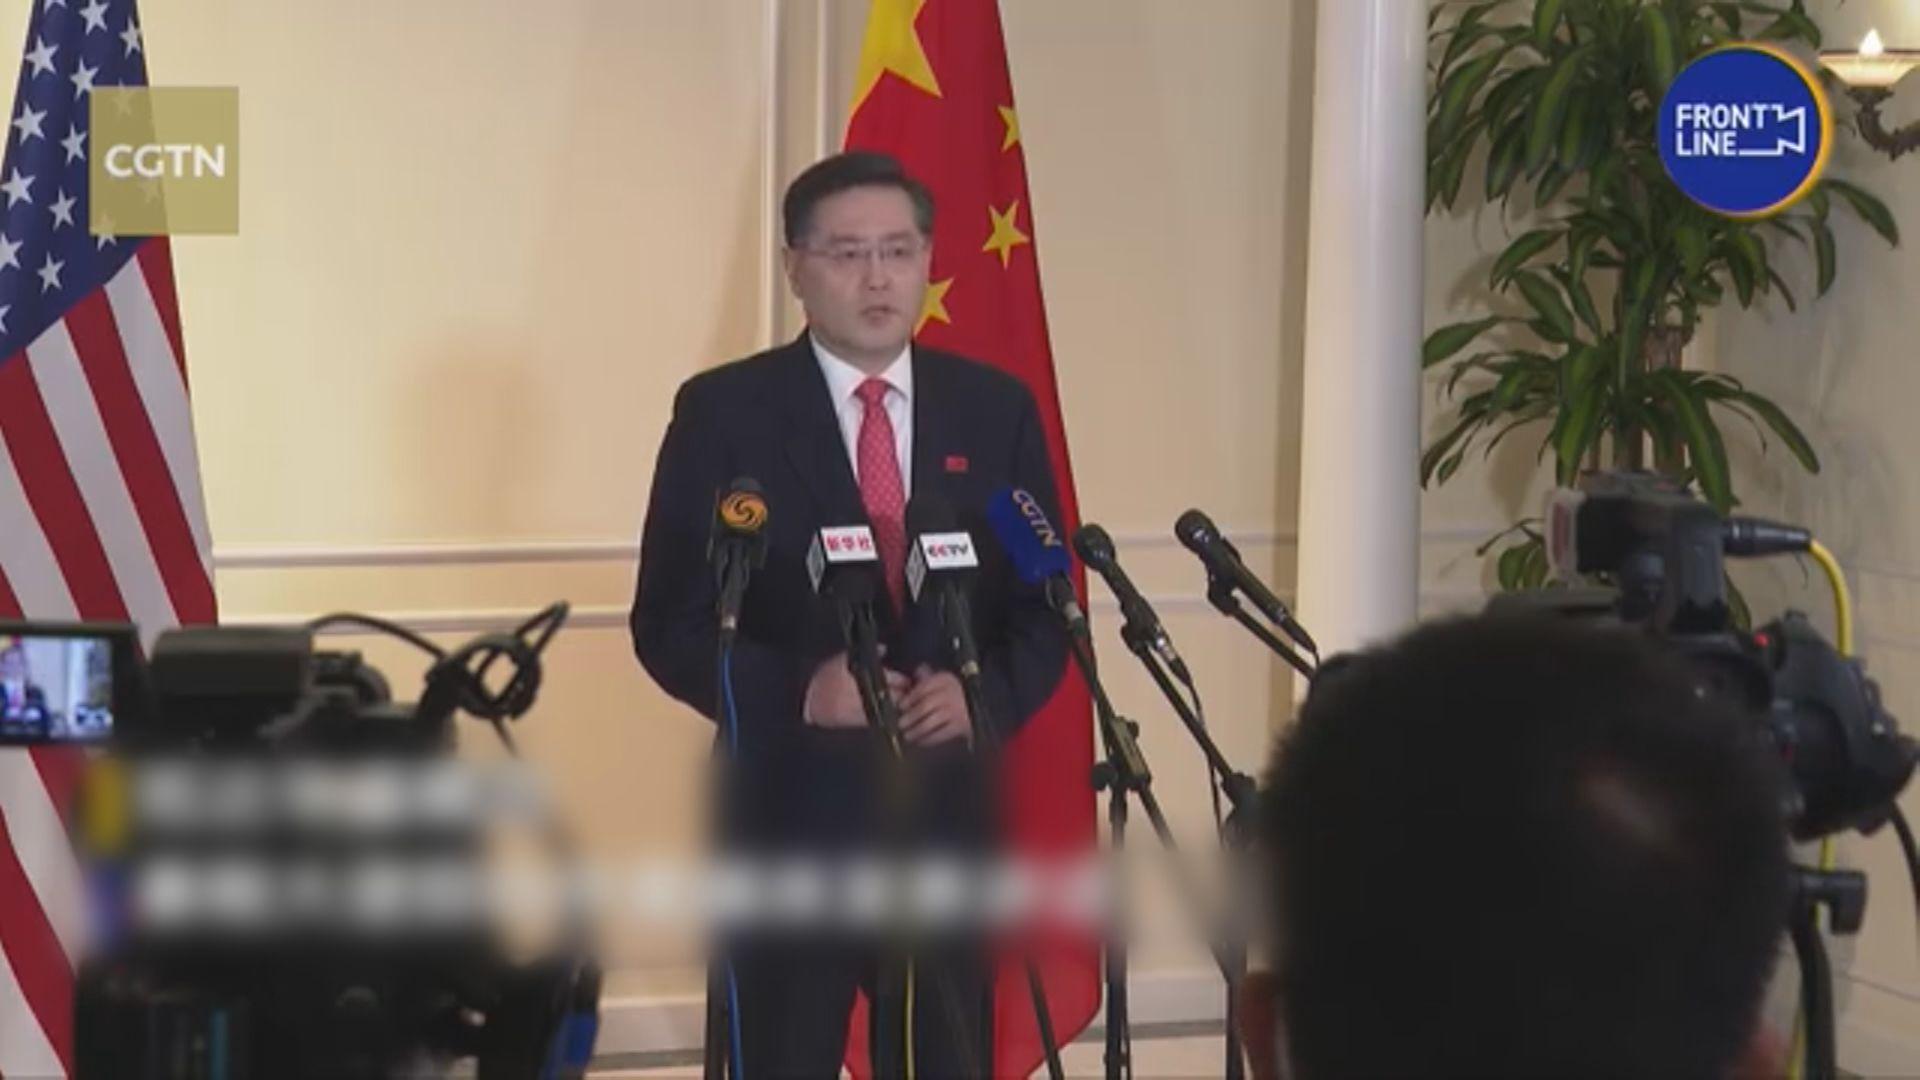 中國駐美國大使秦剛:中美正尋求新時代彼此相處之道